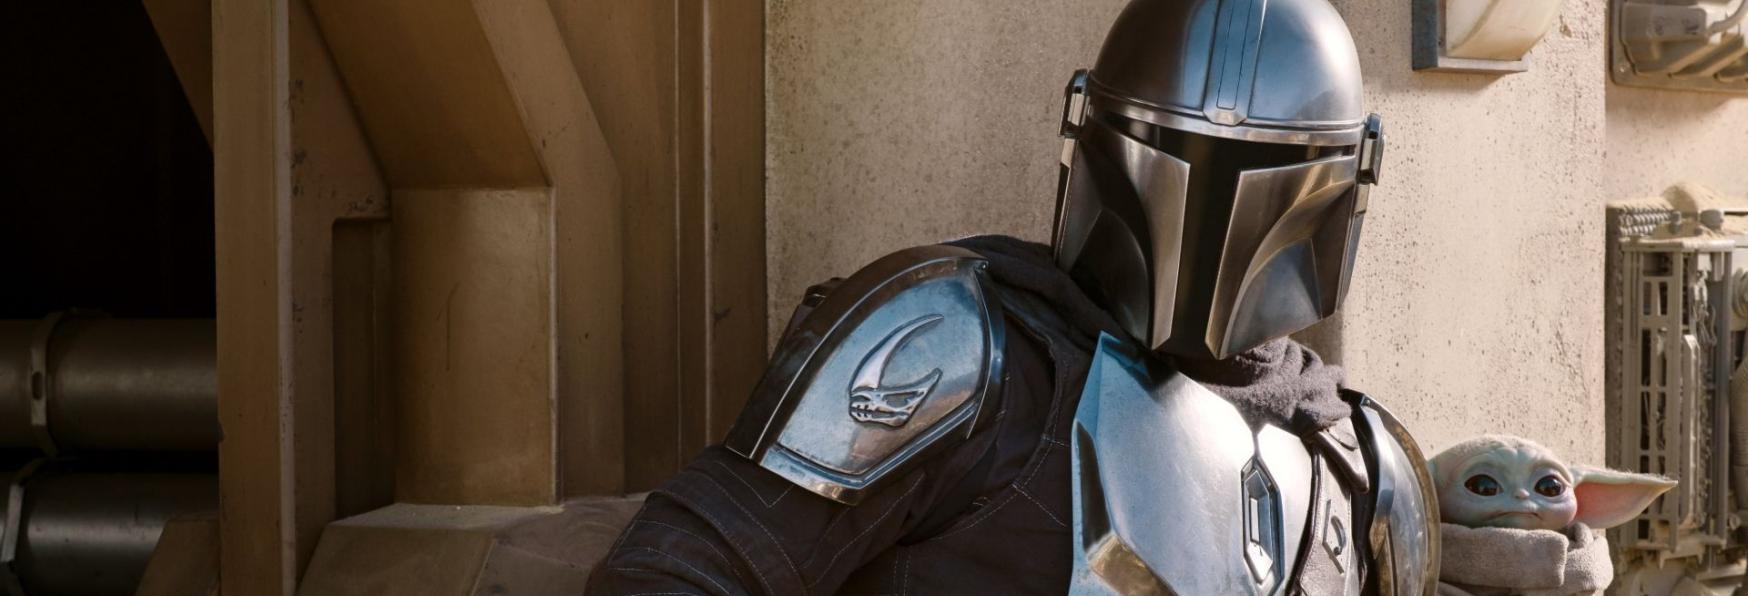 The Mandalorian 2: Trama, Cast, Data e altre Informazioni sulla Serie TV targata Disney+